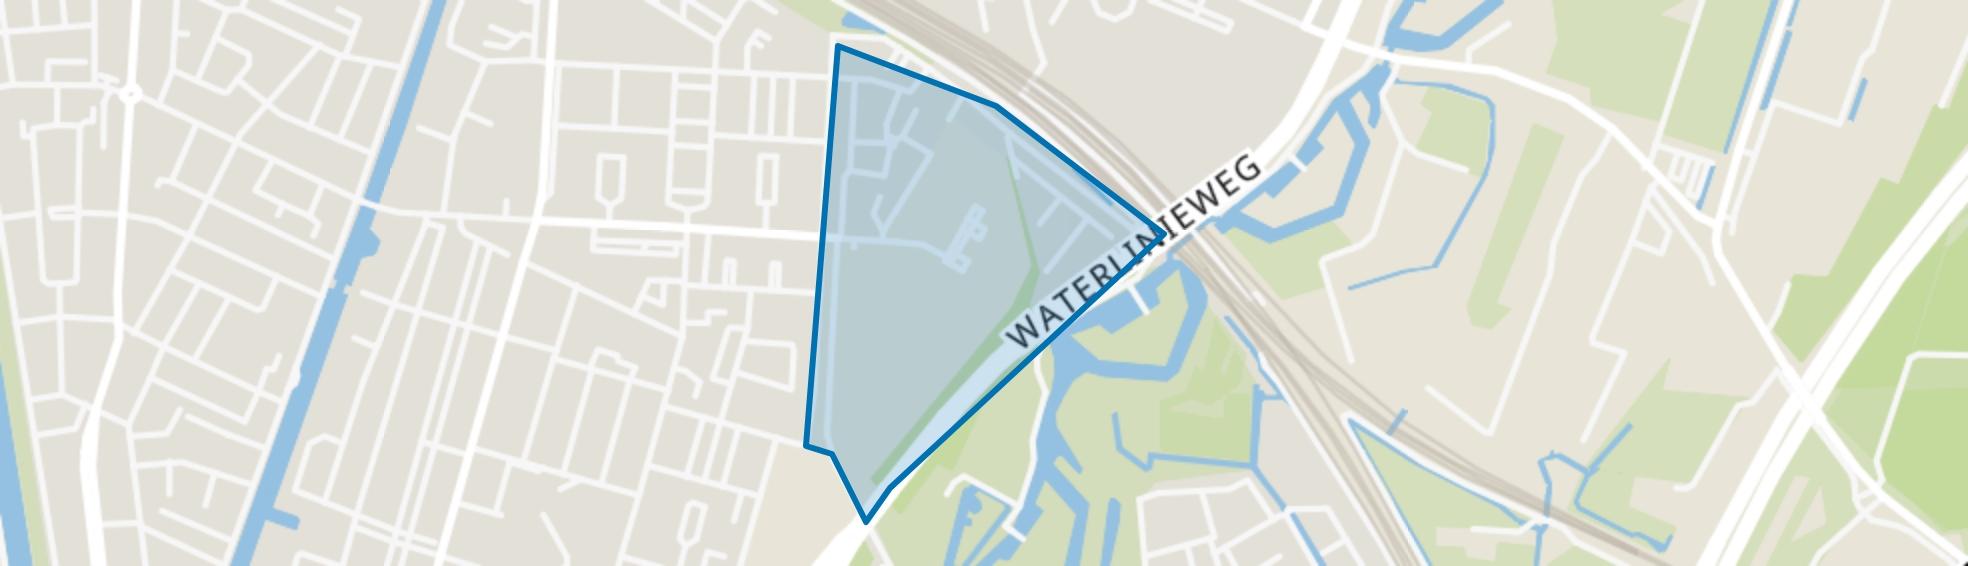 Bokkenbuurt, Utrecht map